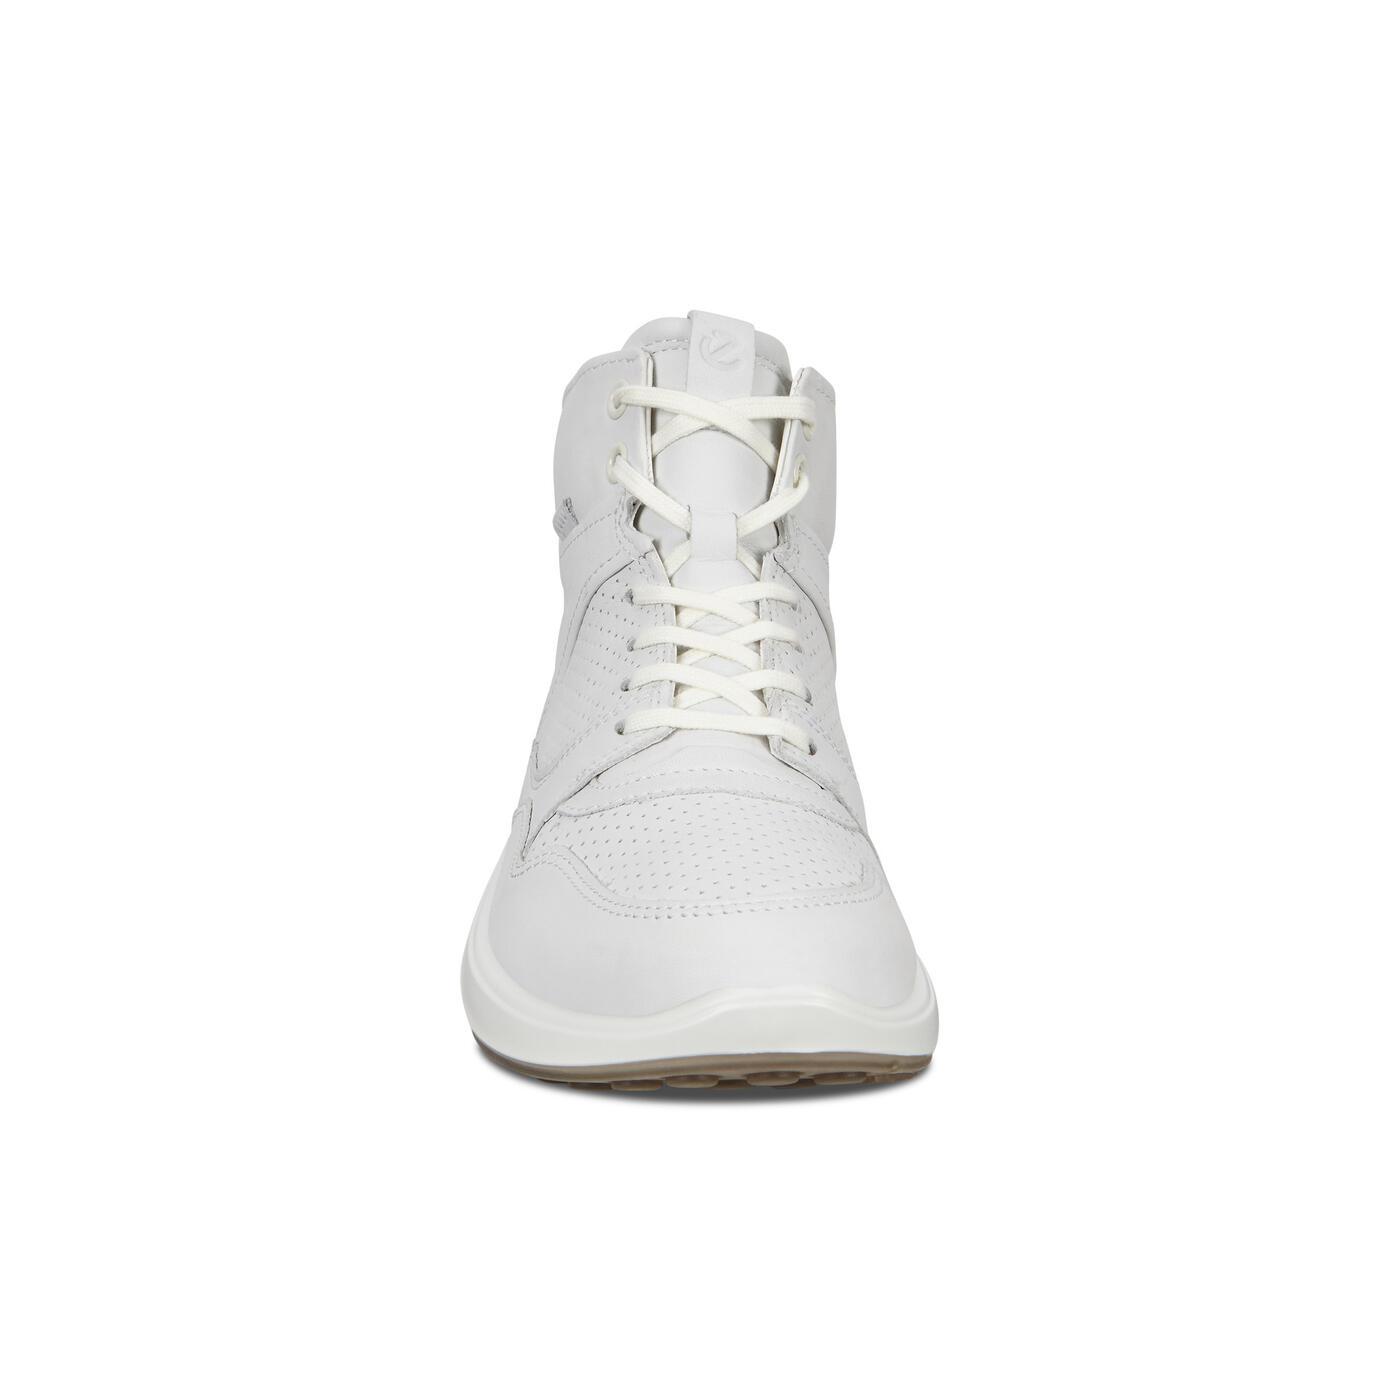 ECCO Soft 7 Runner Women's Boots